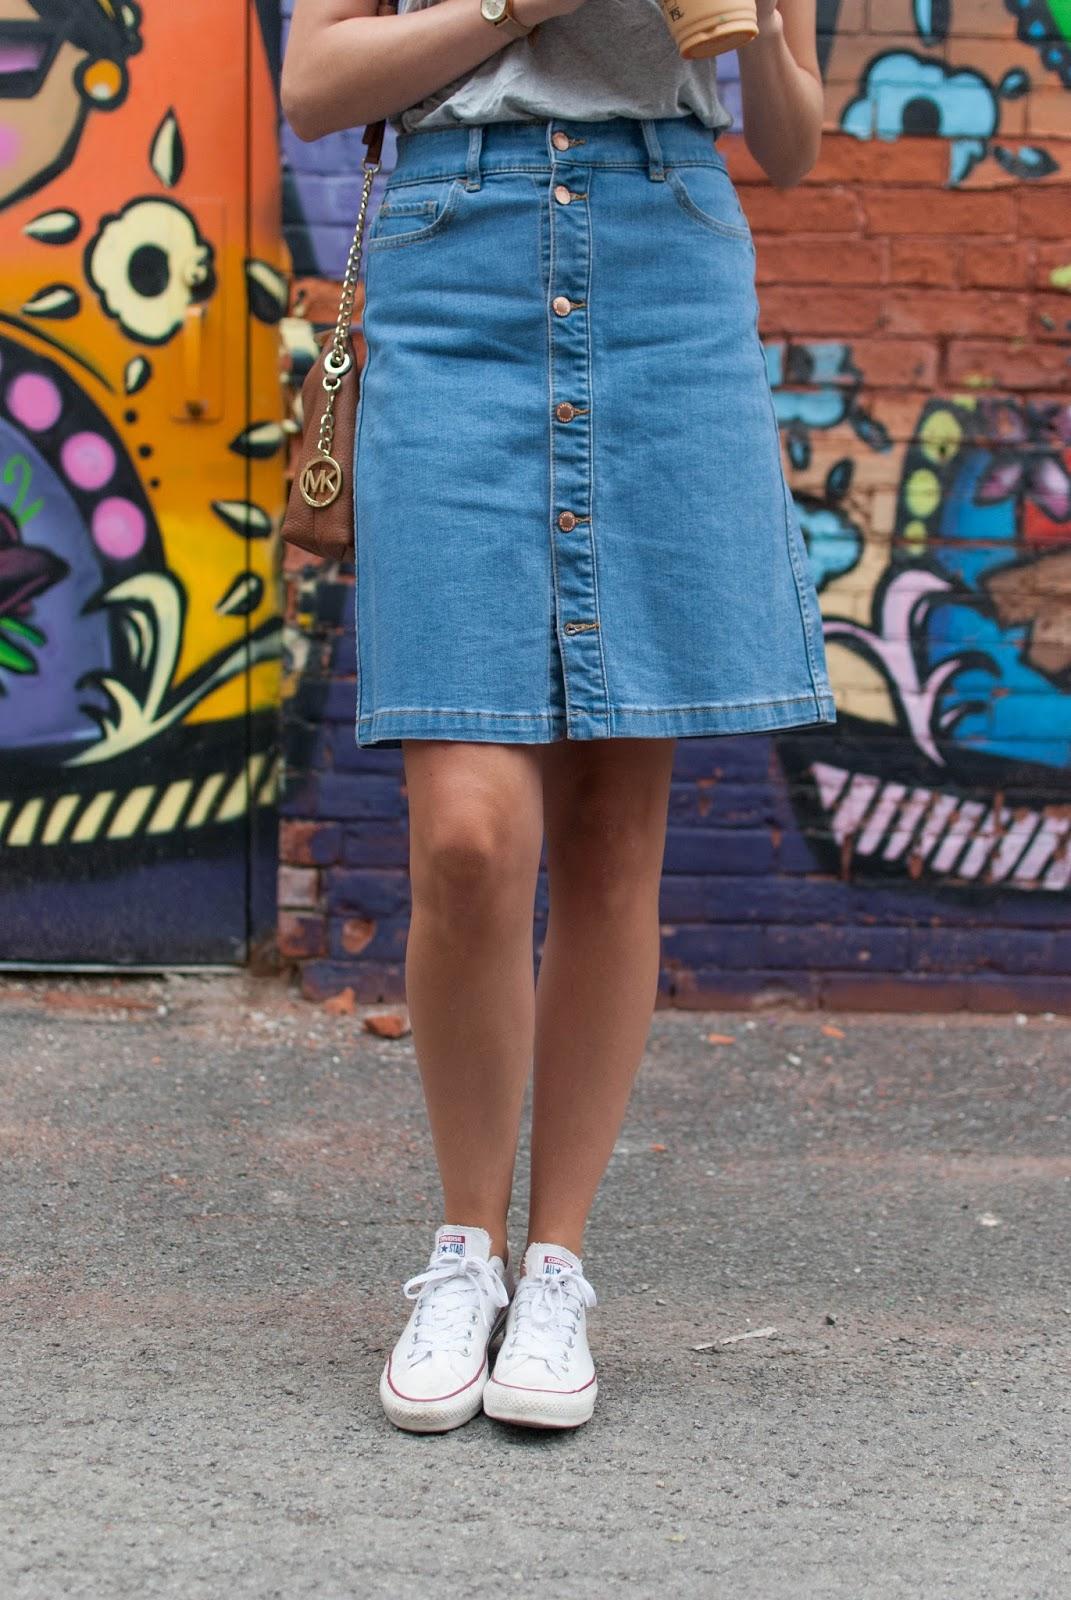 Detail shot of denim skirt